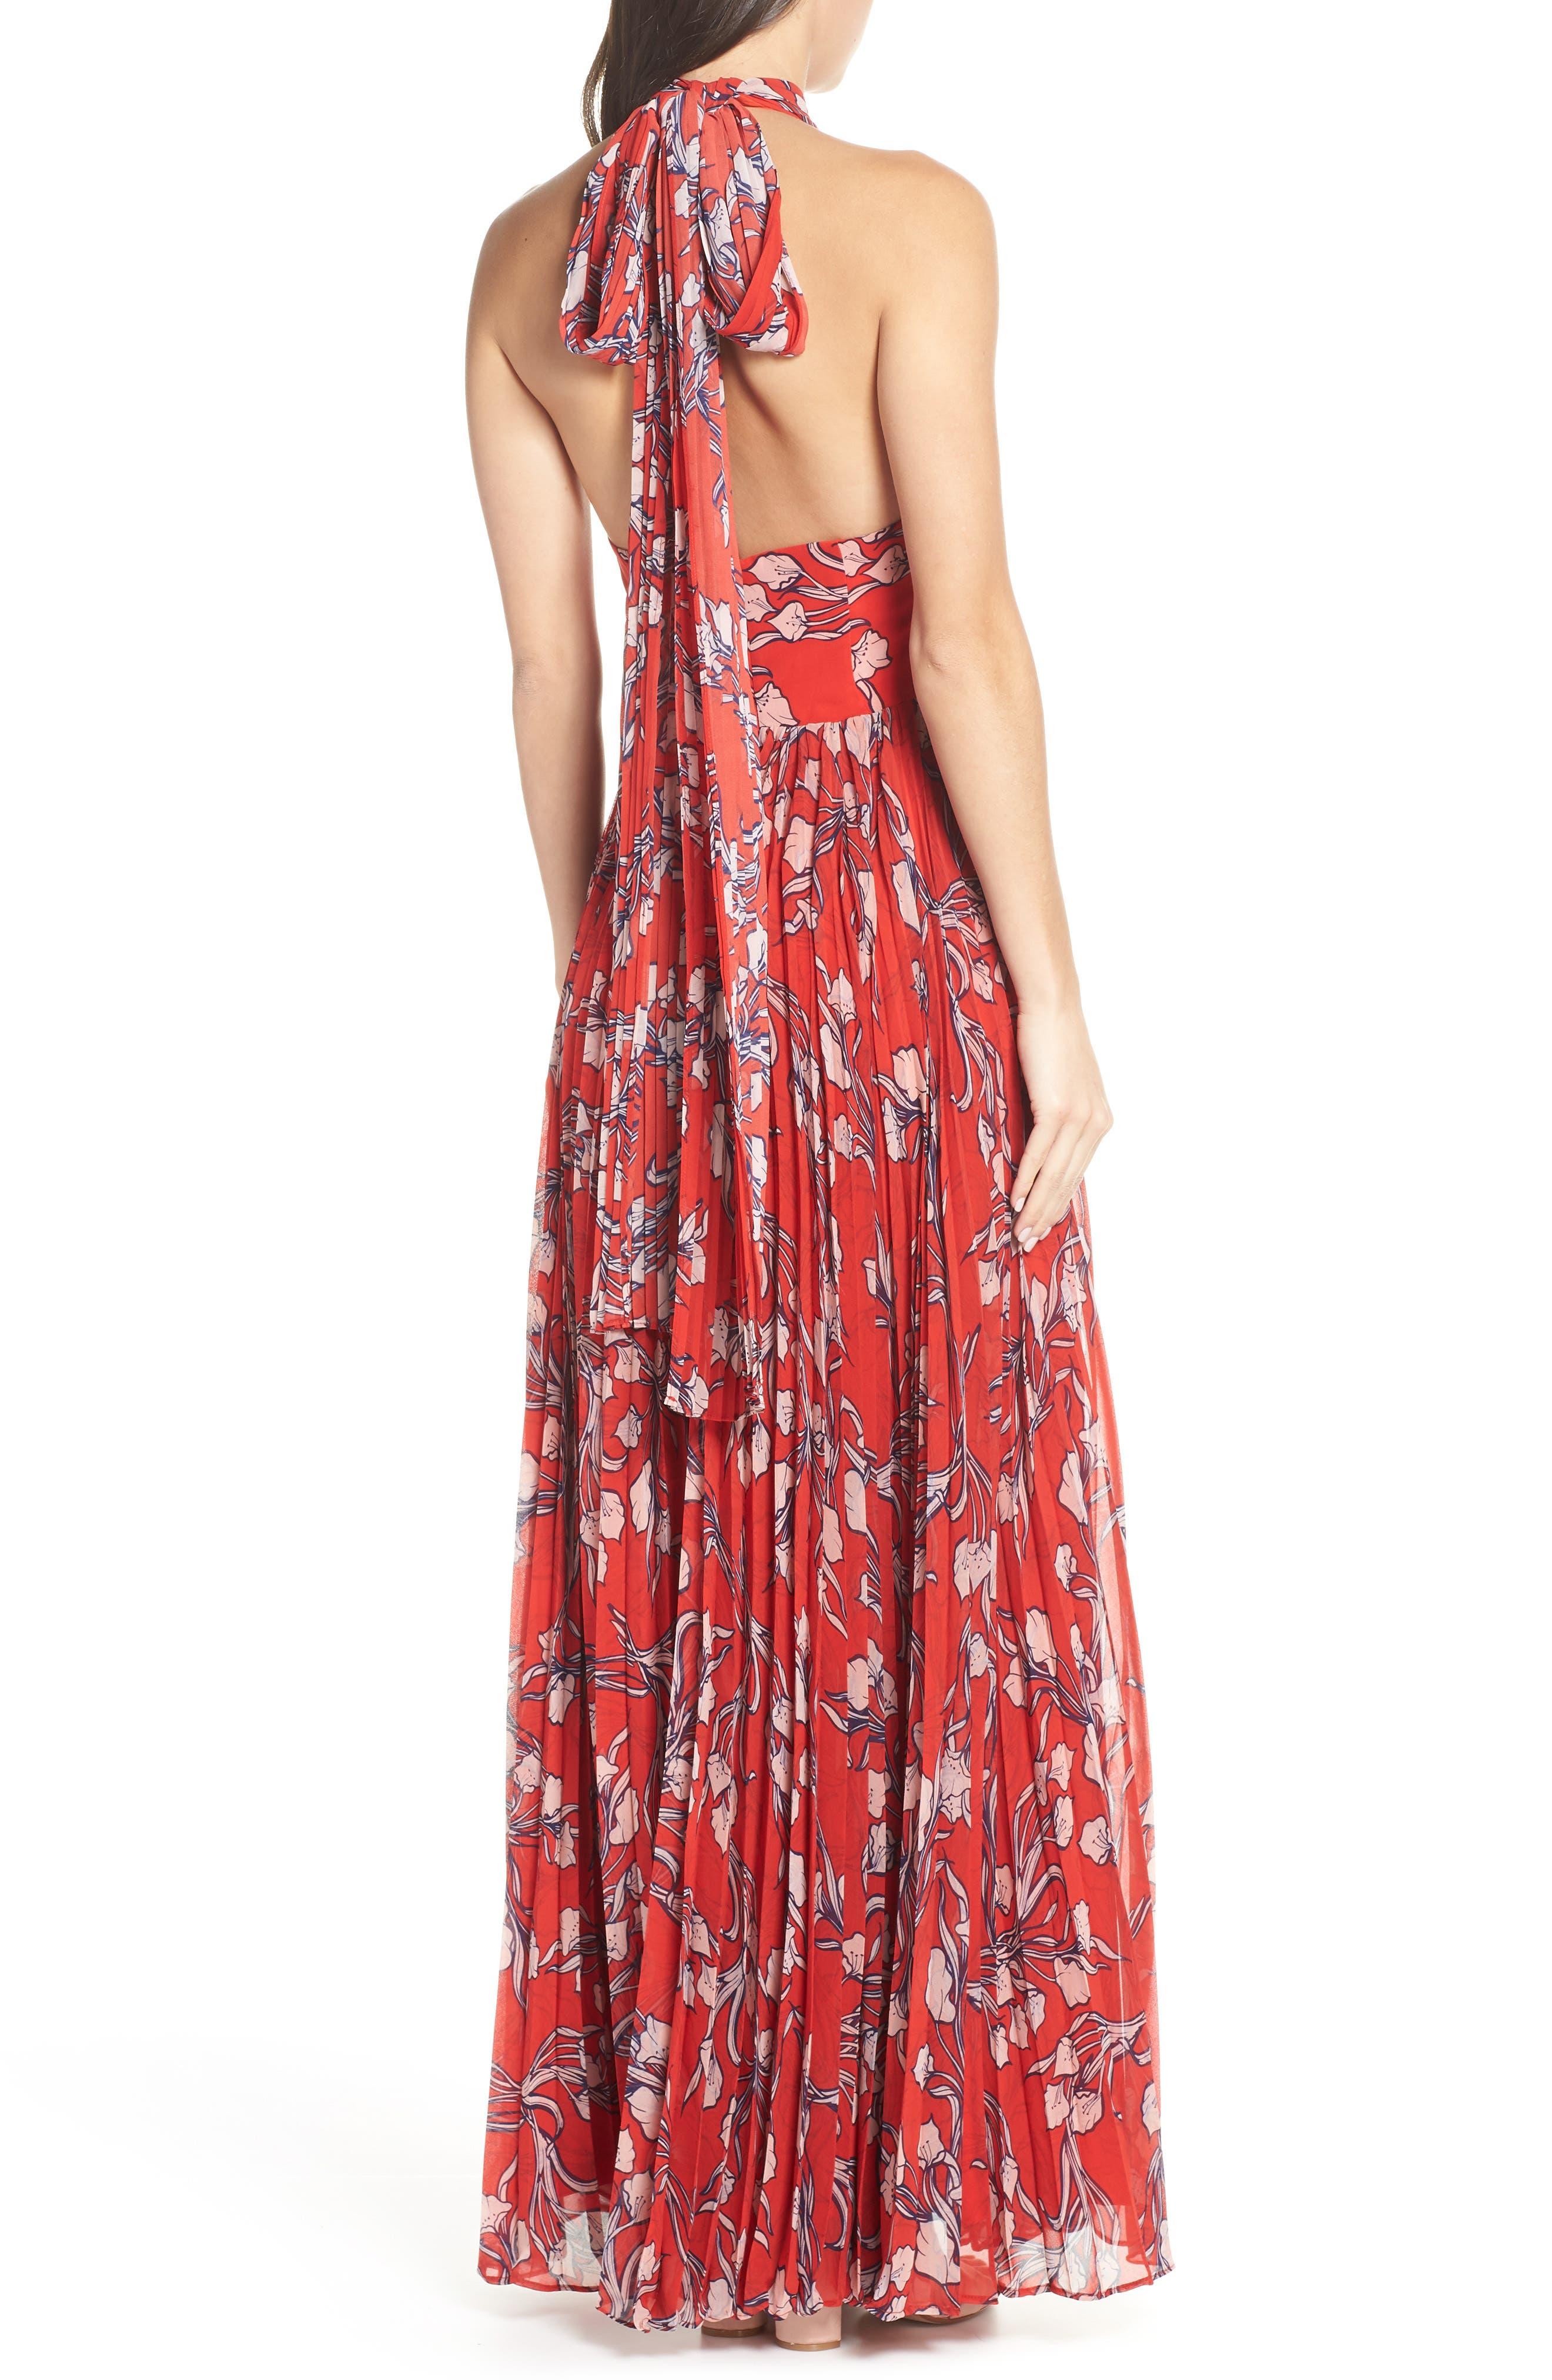 The Zora Chiffon Evening Dress,                             Alternate thumbnail 2, color,                             NOUVEAU FLORAL SUNSET